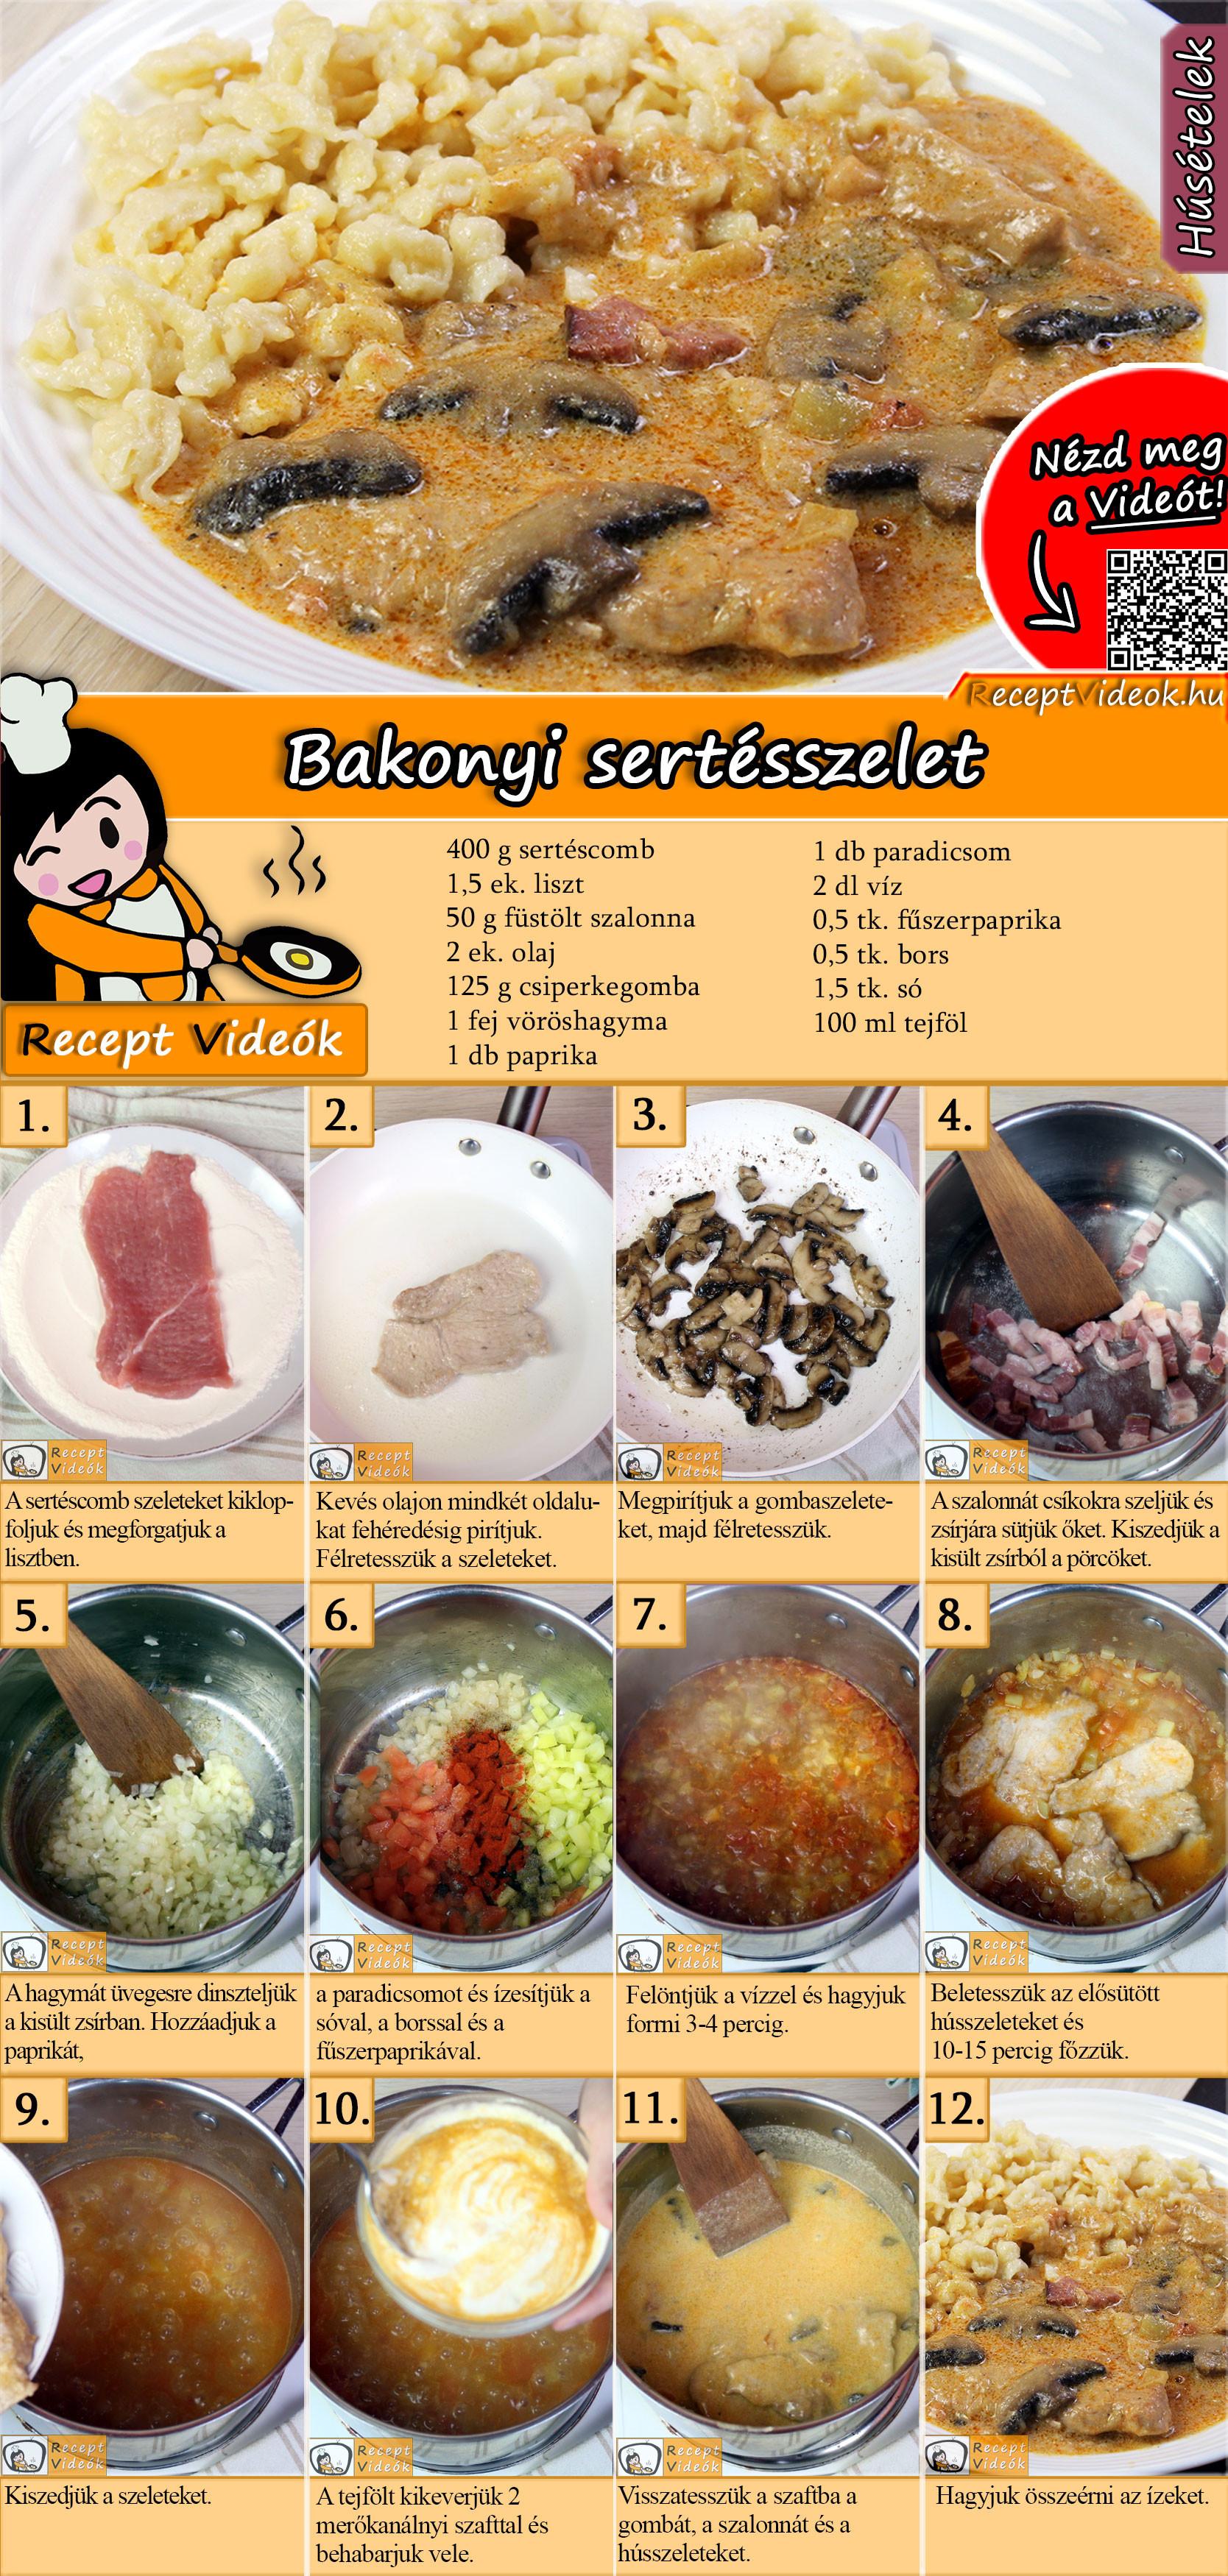 Bakonyi sertésszelet recept elkészítése videóval